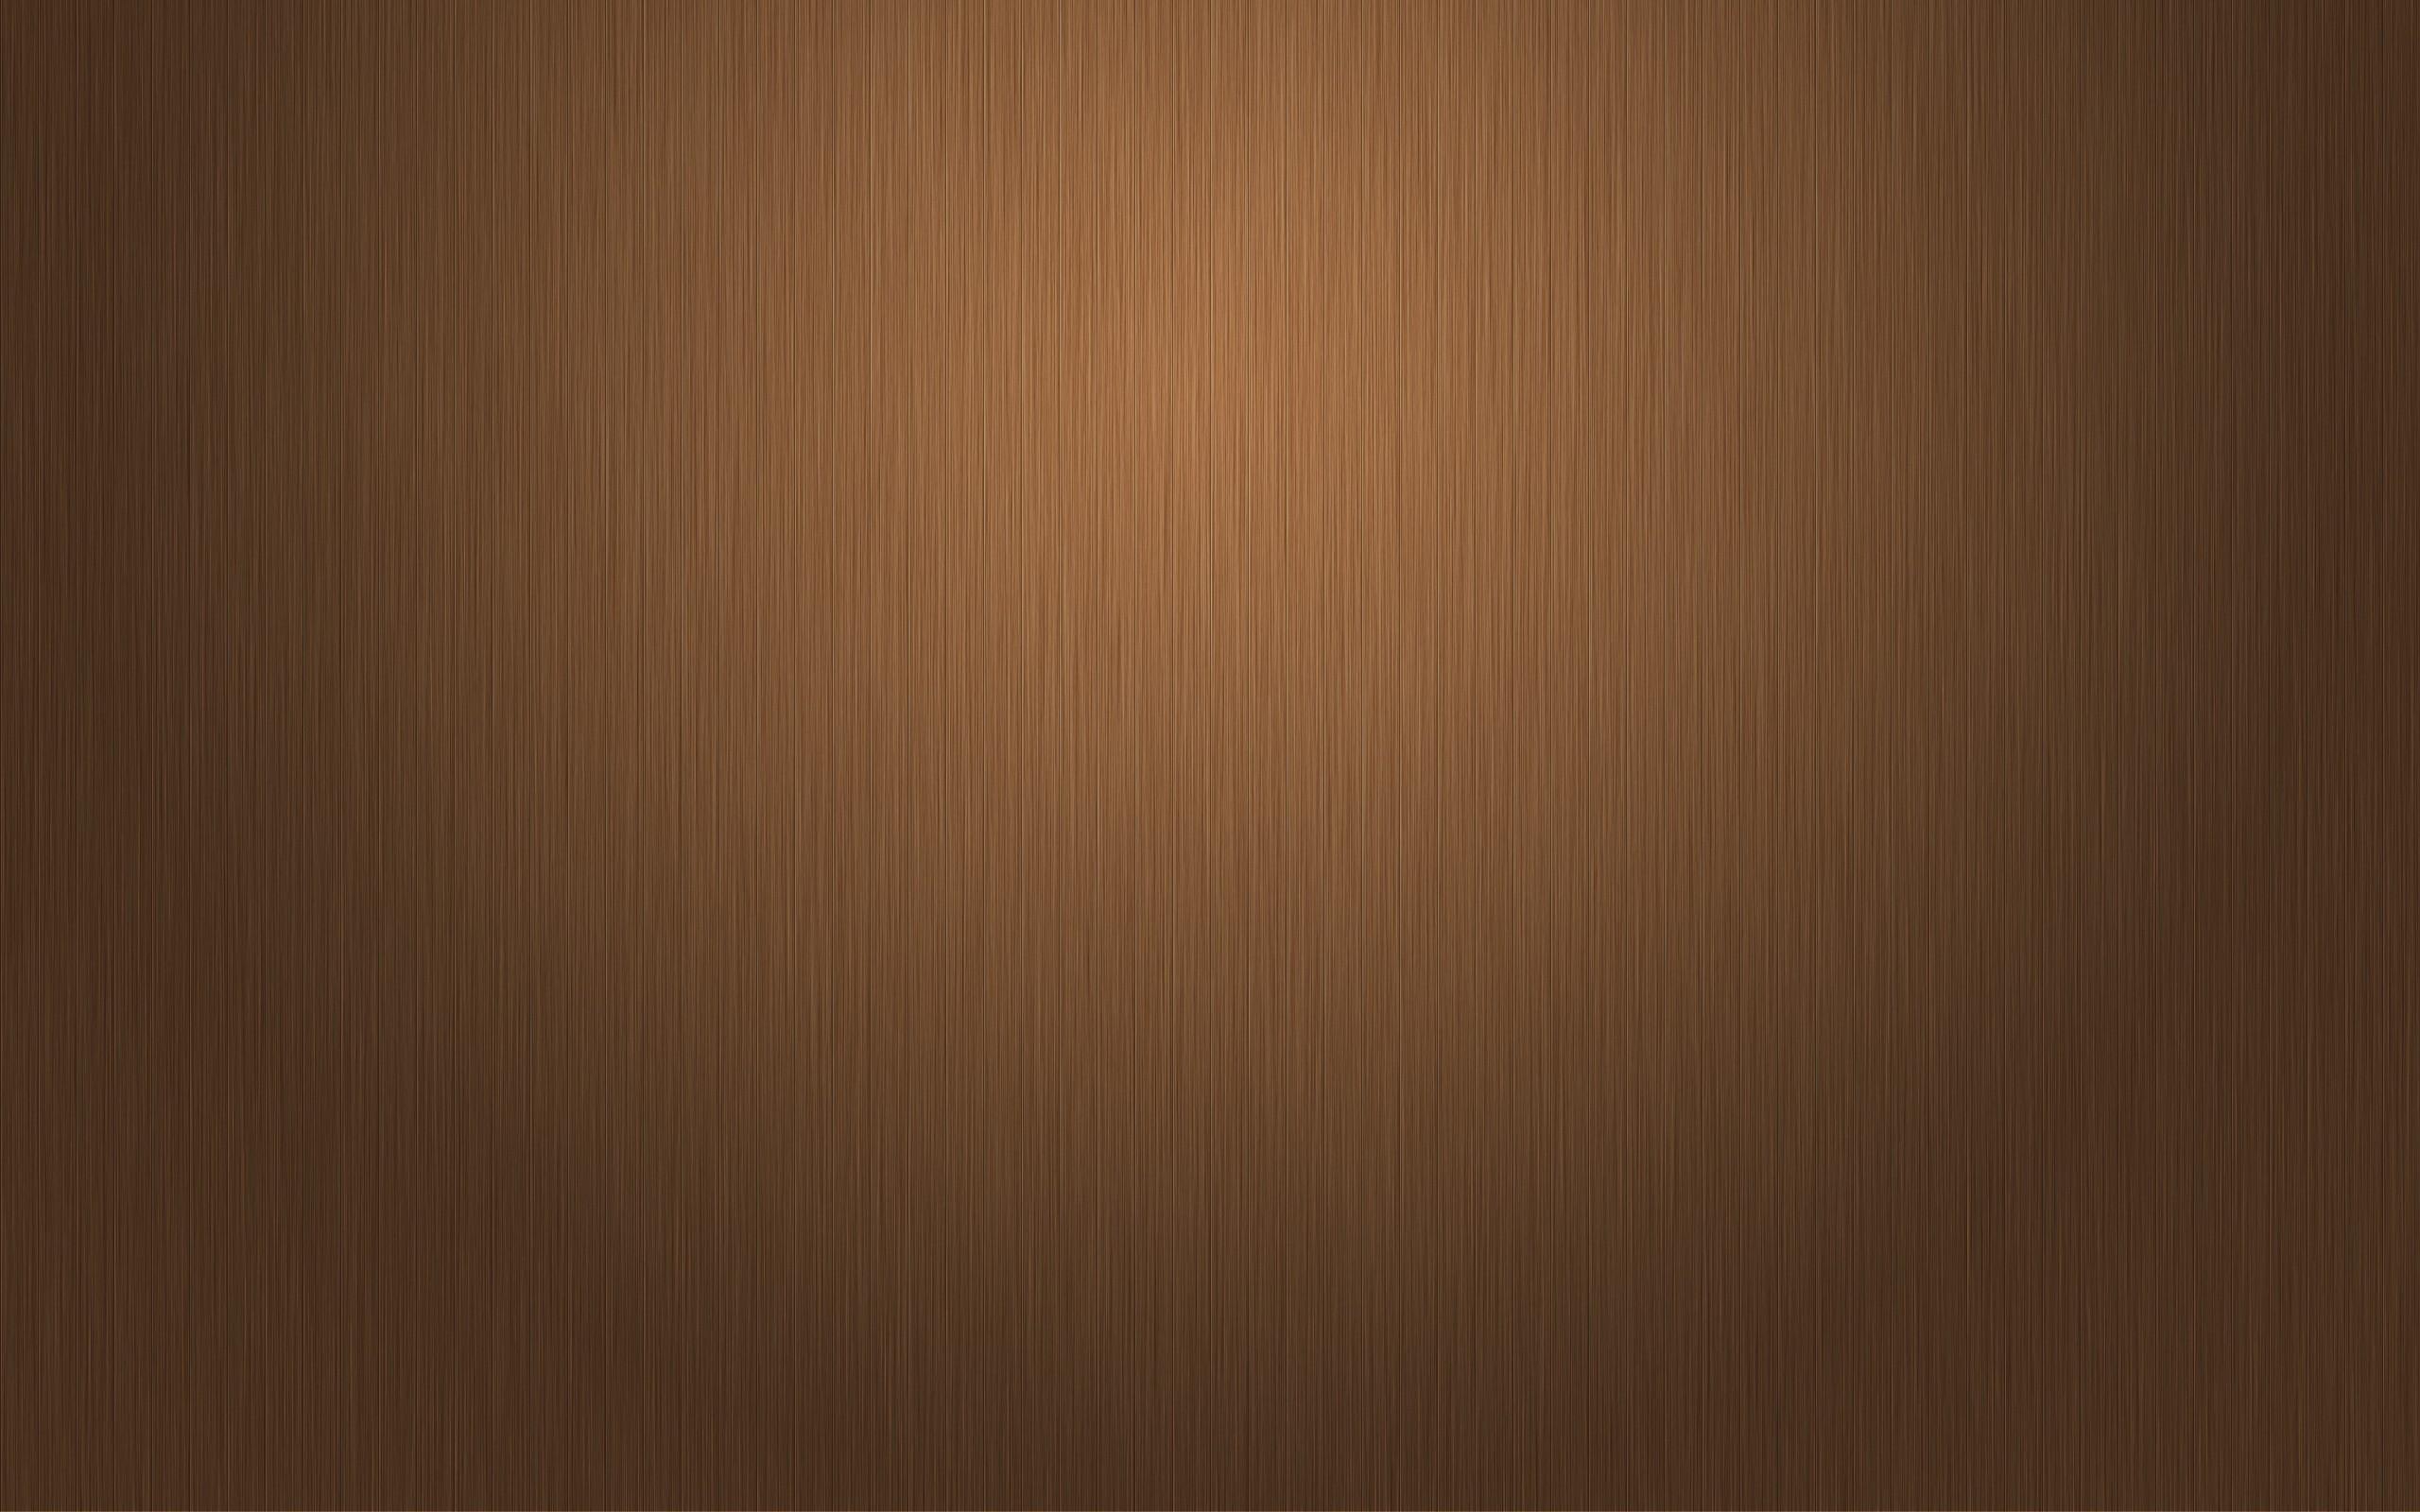 Textura marrón - 2560x1600